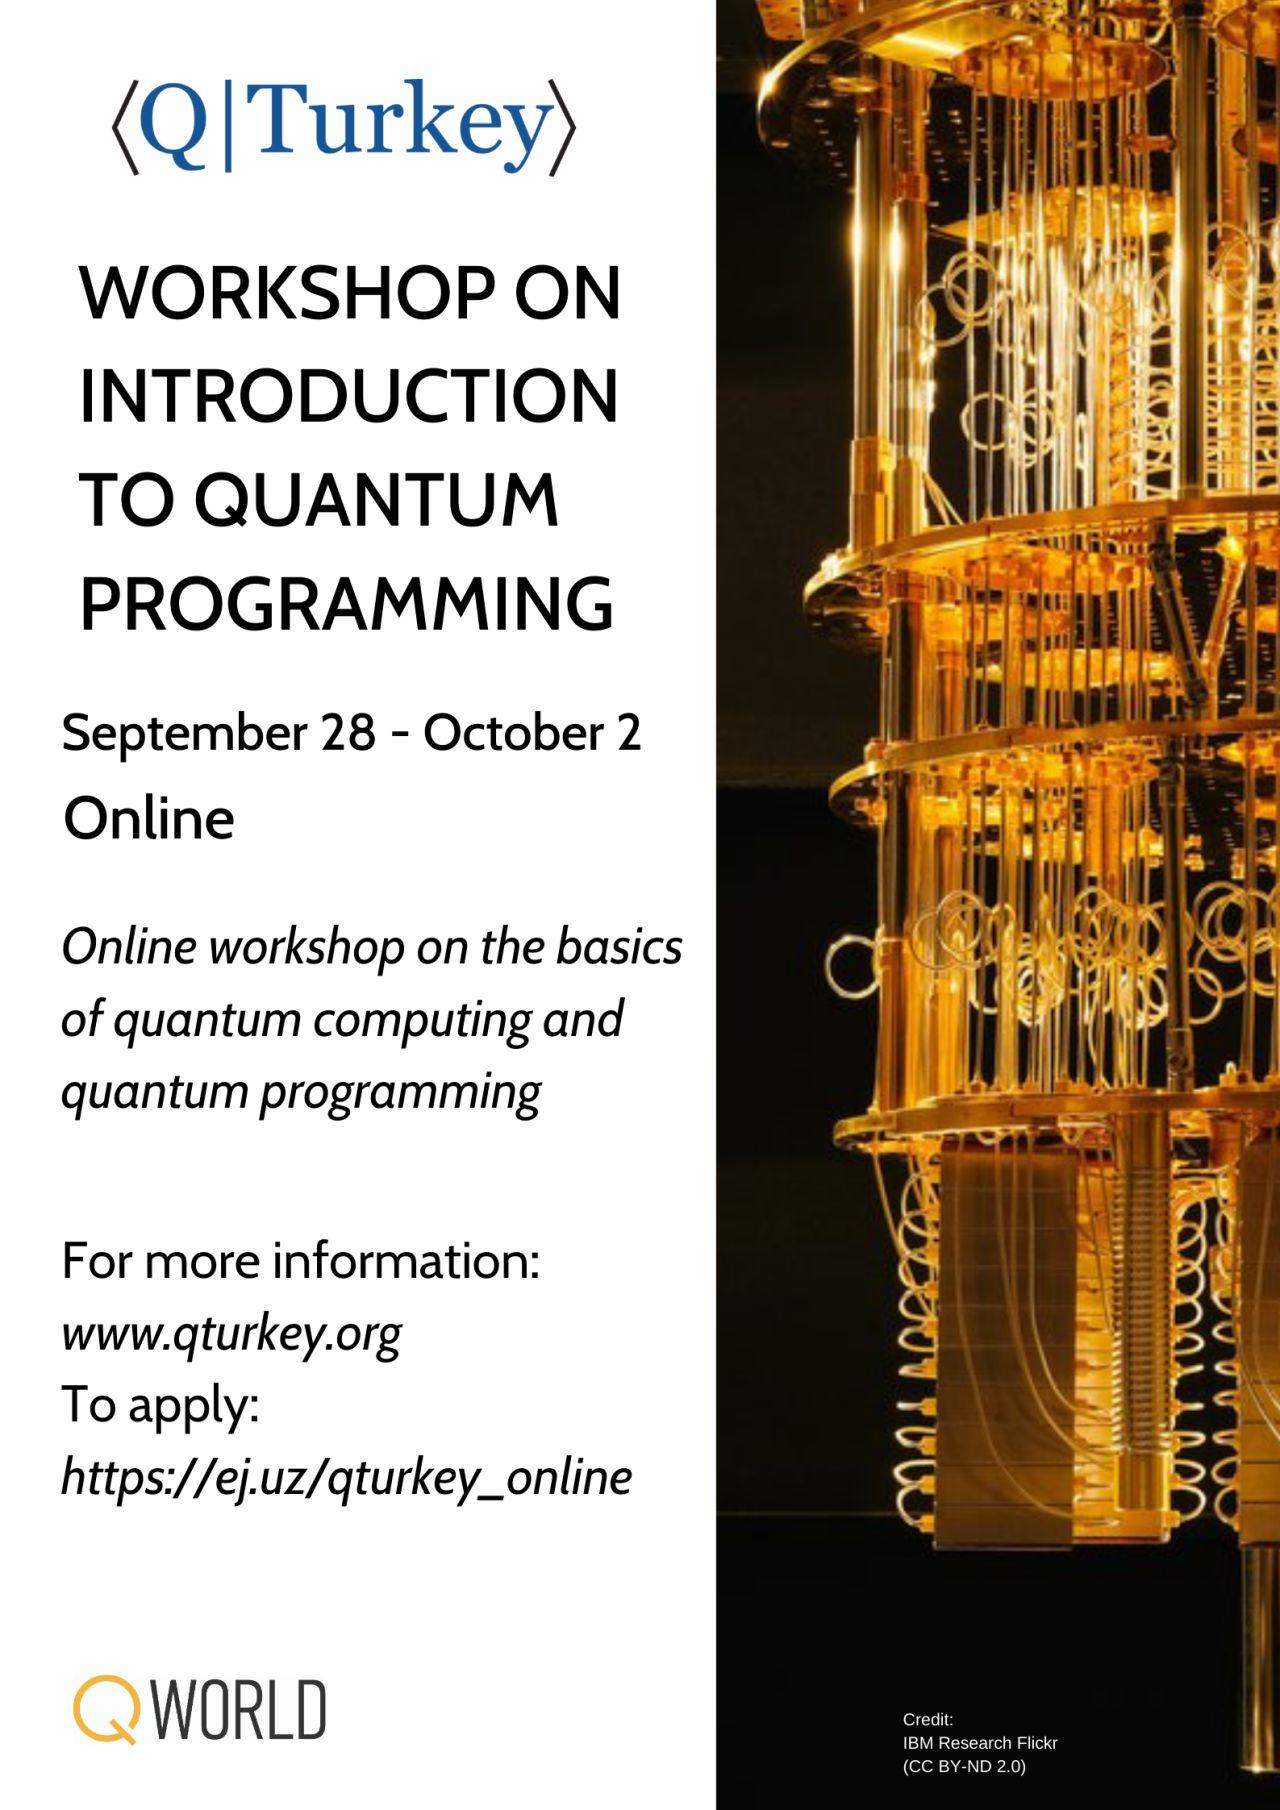 Kuantum Programlama Atölyesine Giriş dersi